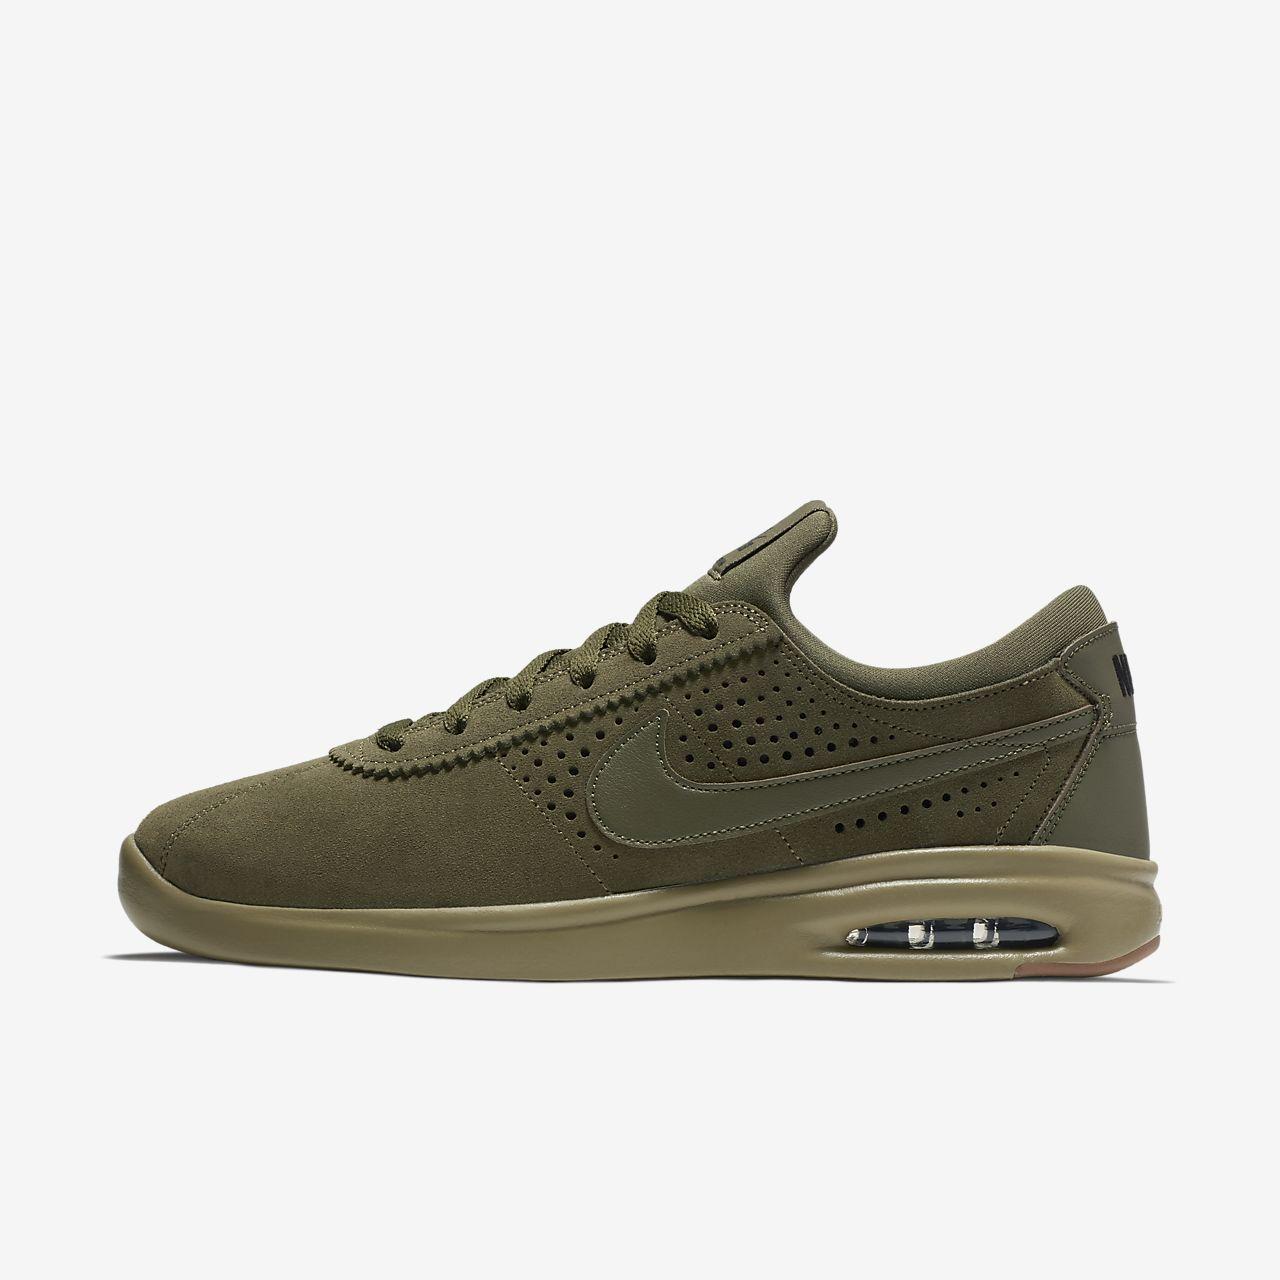 Brun Nike Collection De Chaussures Pour Les Hommes UTG2Xbwm6y